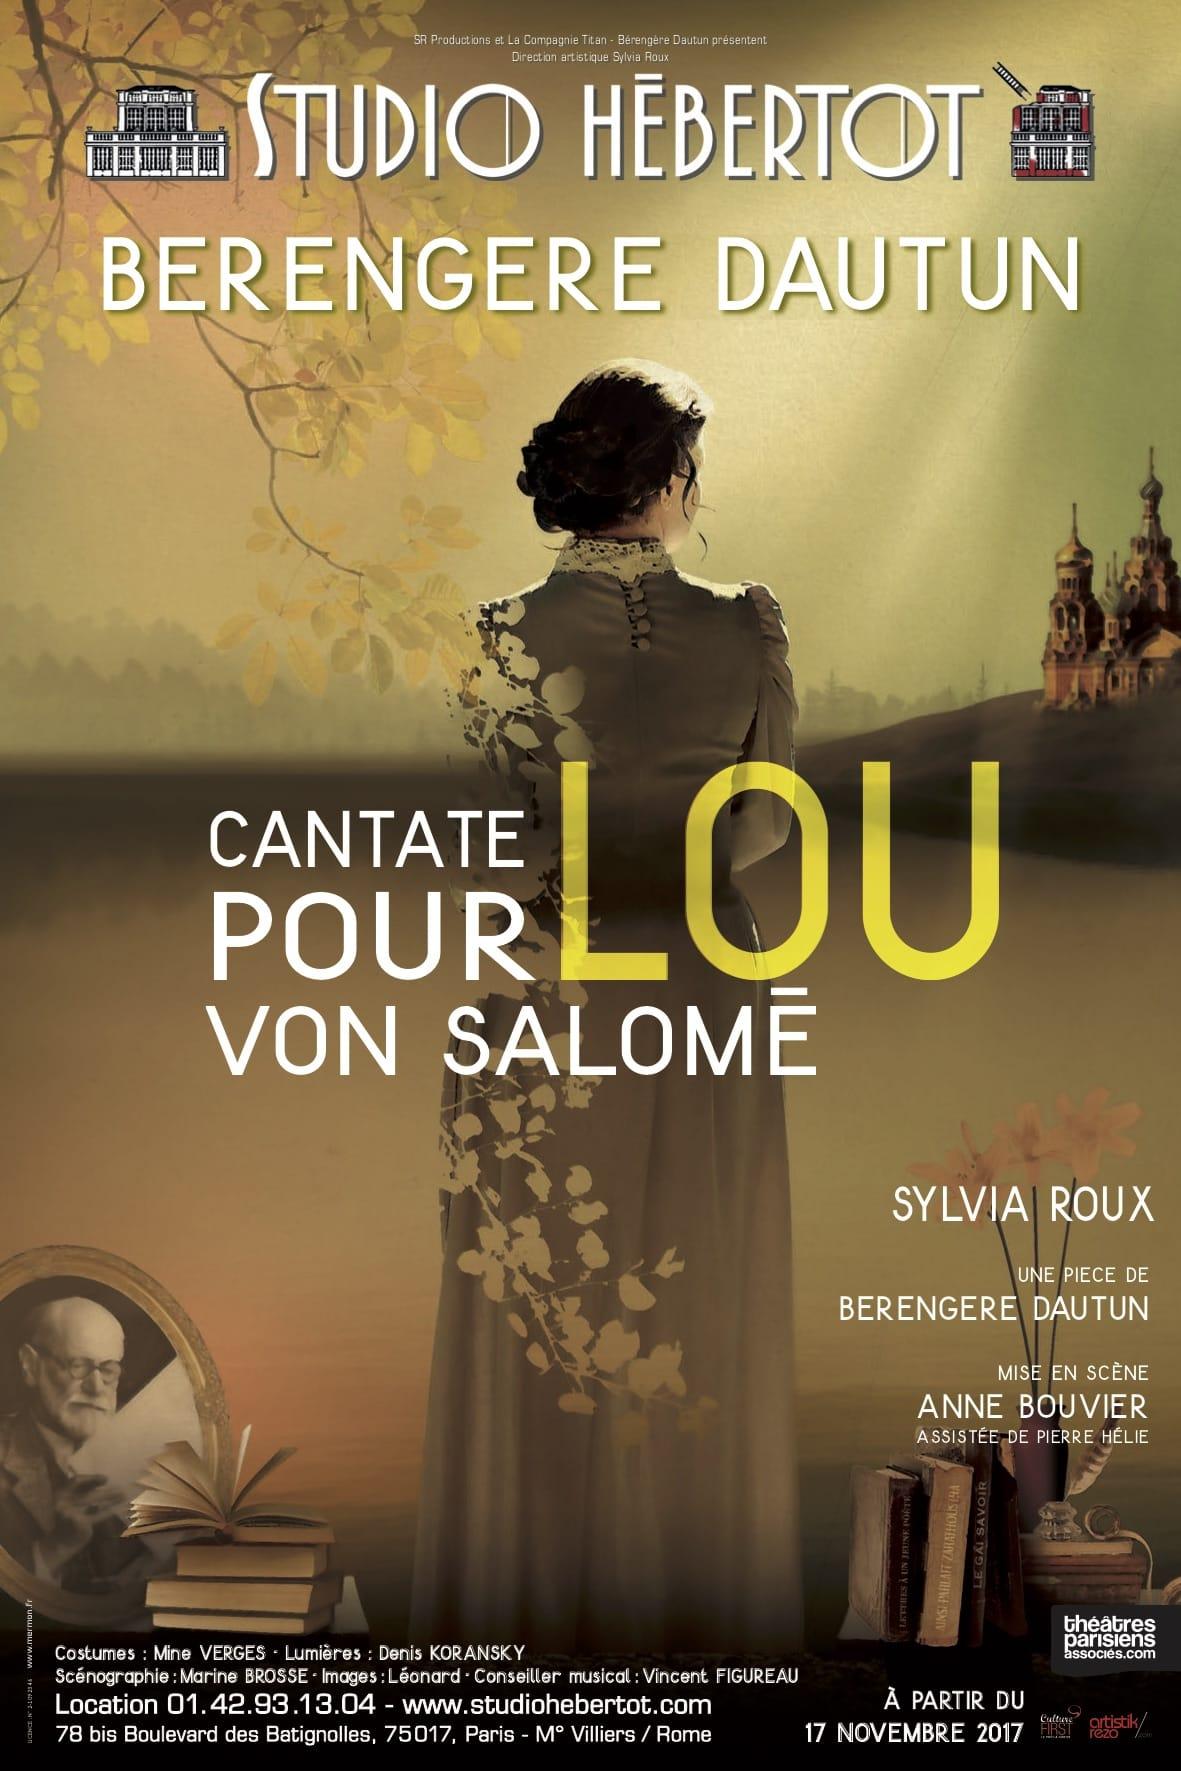 Cantate pour Lou von Salomé Anne Bouvier affiche